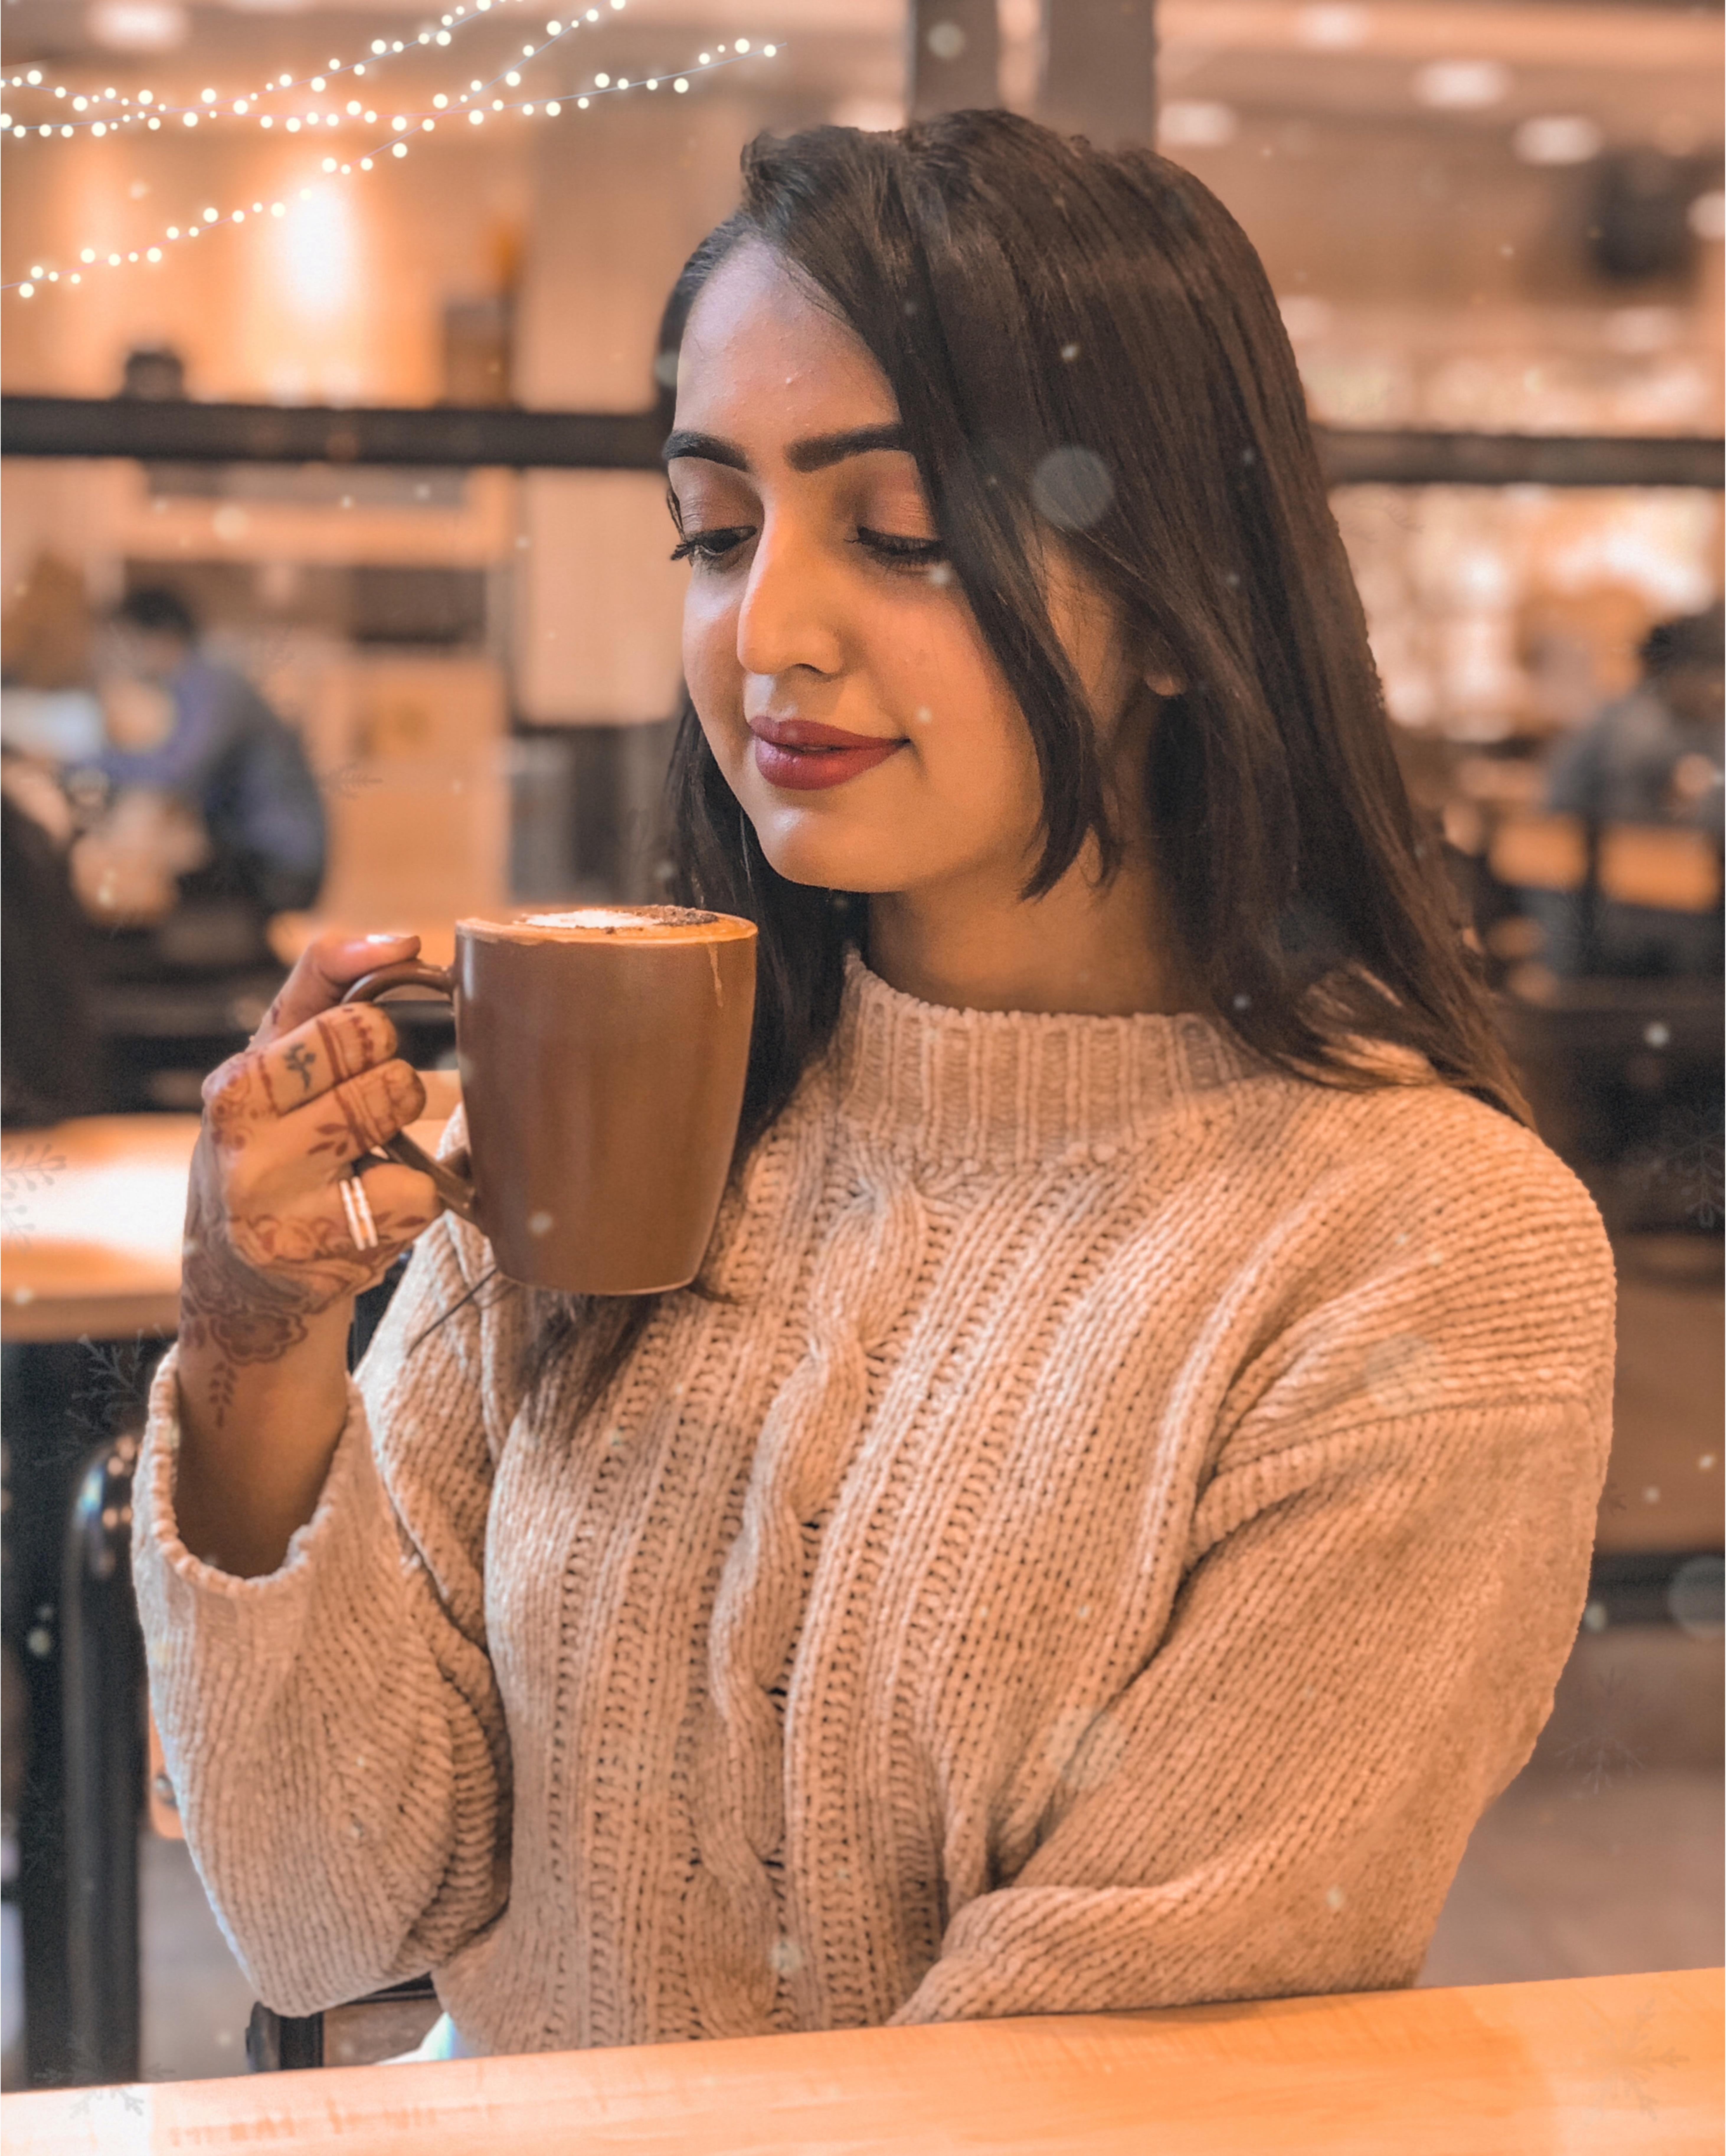 I need a good caffeine to keep myself boosted☕️ #caffeineaddict #coffeebooster #instamood #riyalekhadiya #riaaarelfam